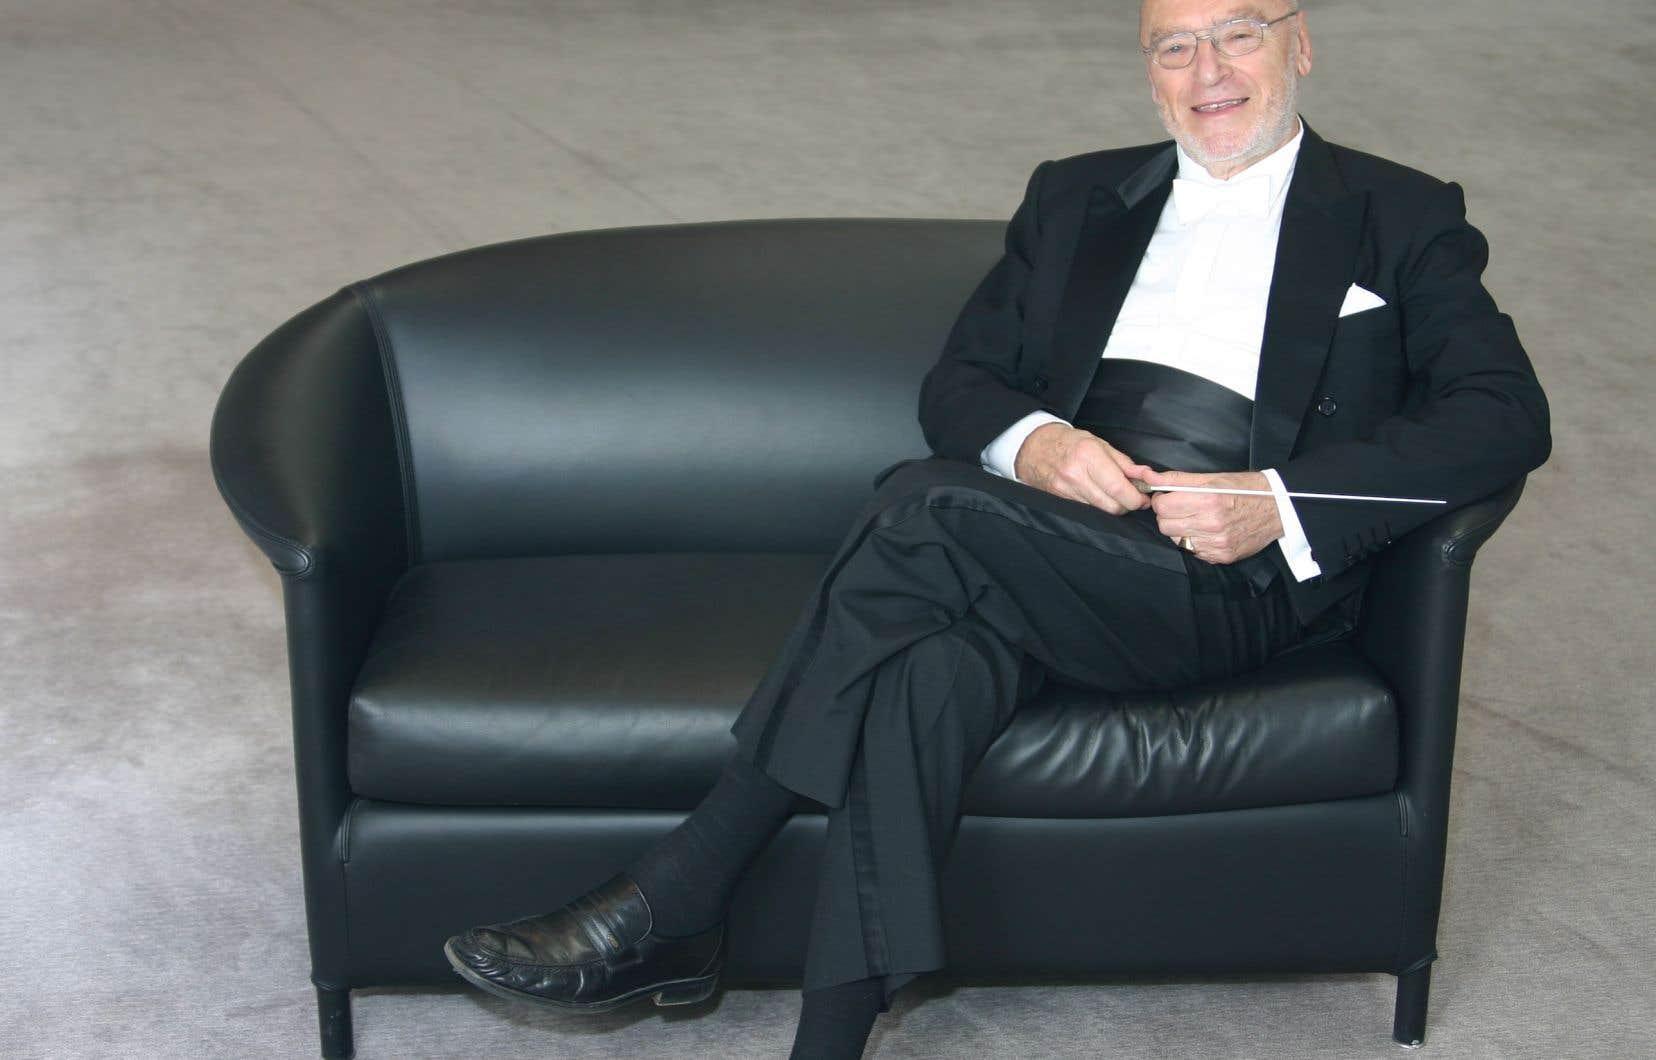 Michael Gielen secoue musicalement l'Orchestre symphonique de Cincinnati entre 1980 et 1986. Mais c'est à partir de 1986 qu'il accomplira «son œuvre» en prenant la tête de l'Orchestre du Südwestfunk de Baden-Baden.